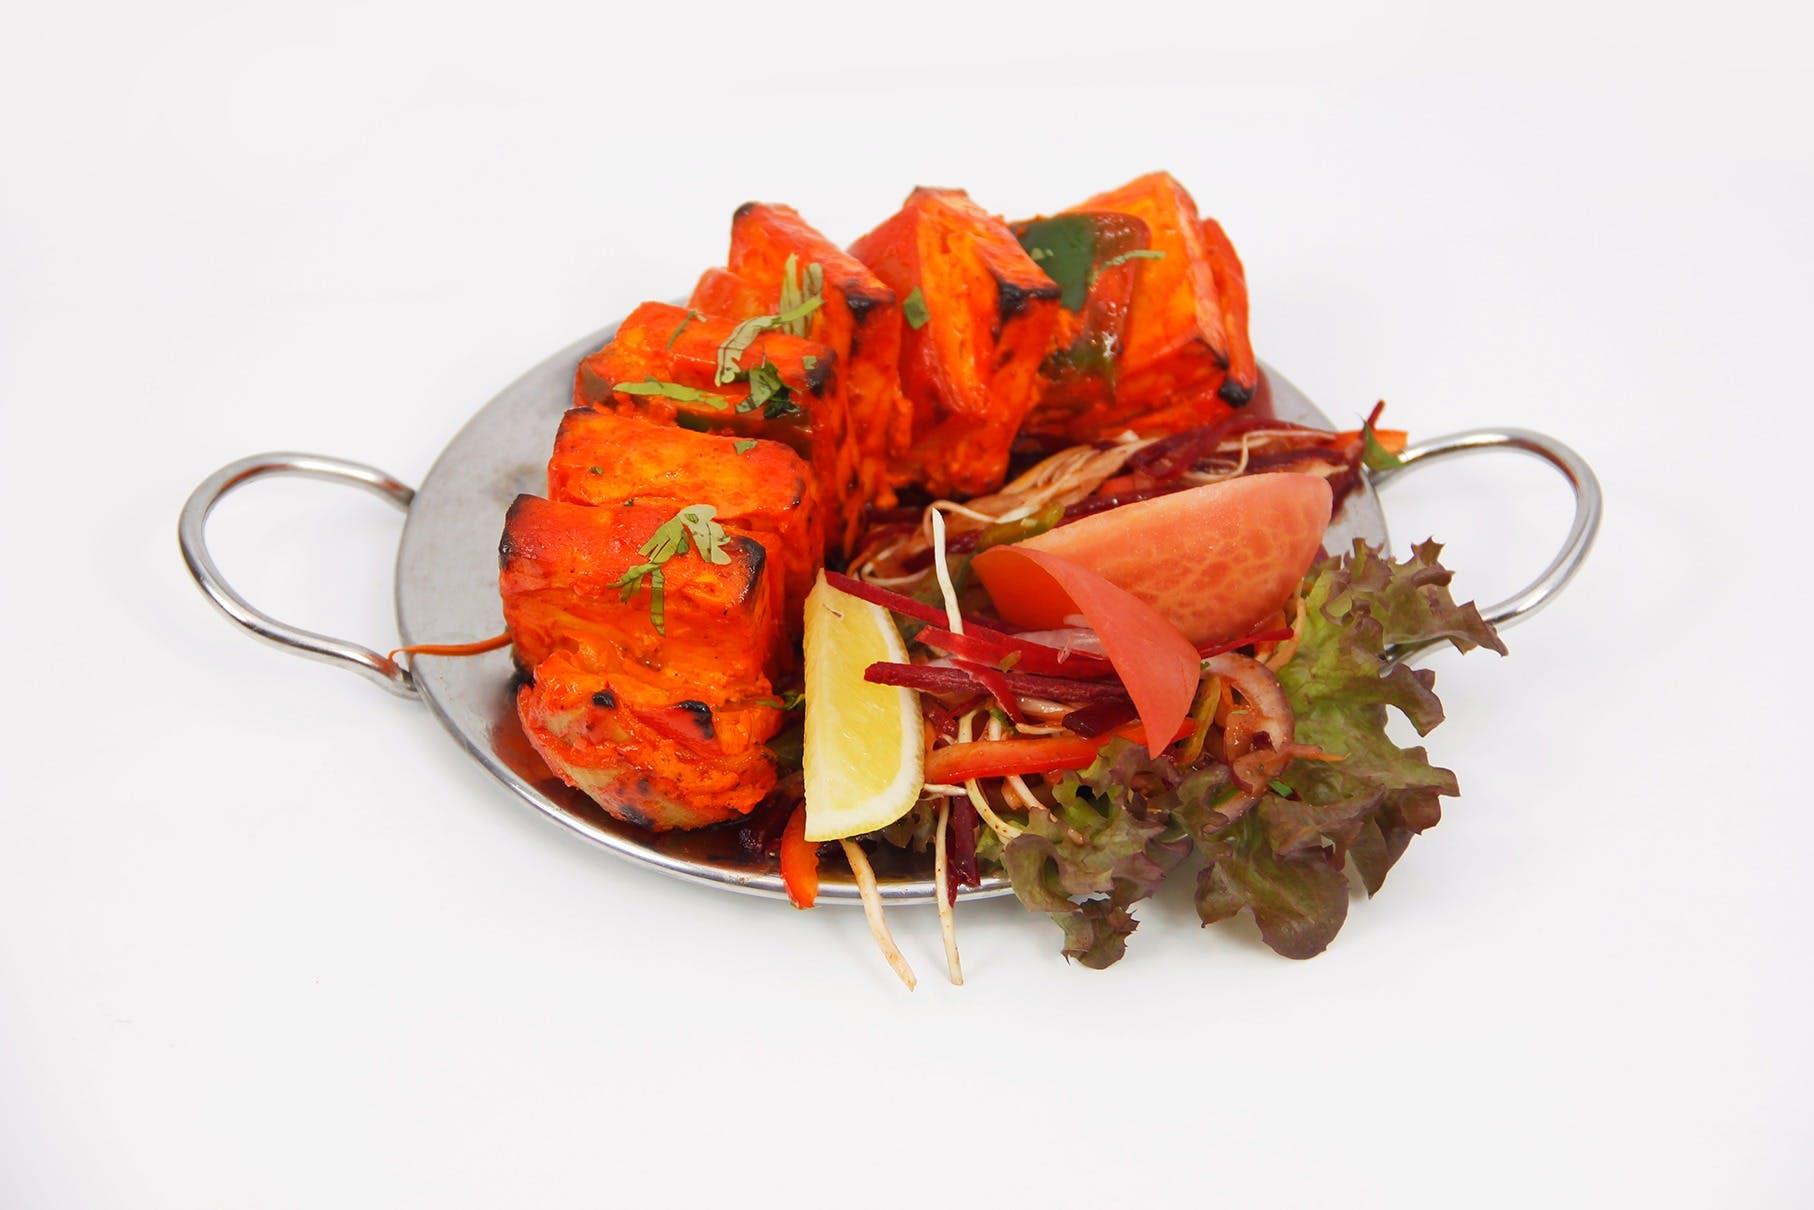 Indian Palace Restauracja Indyjska Aktualne Menu Zamow Online